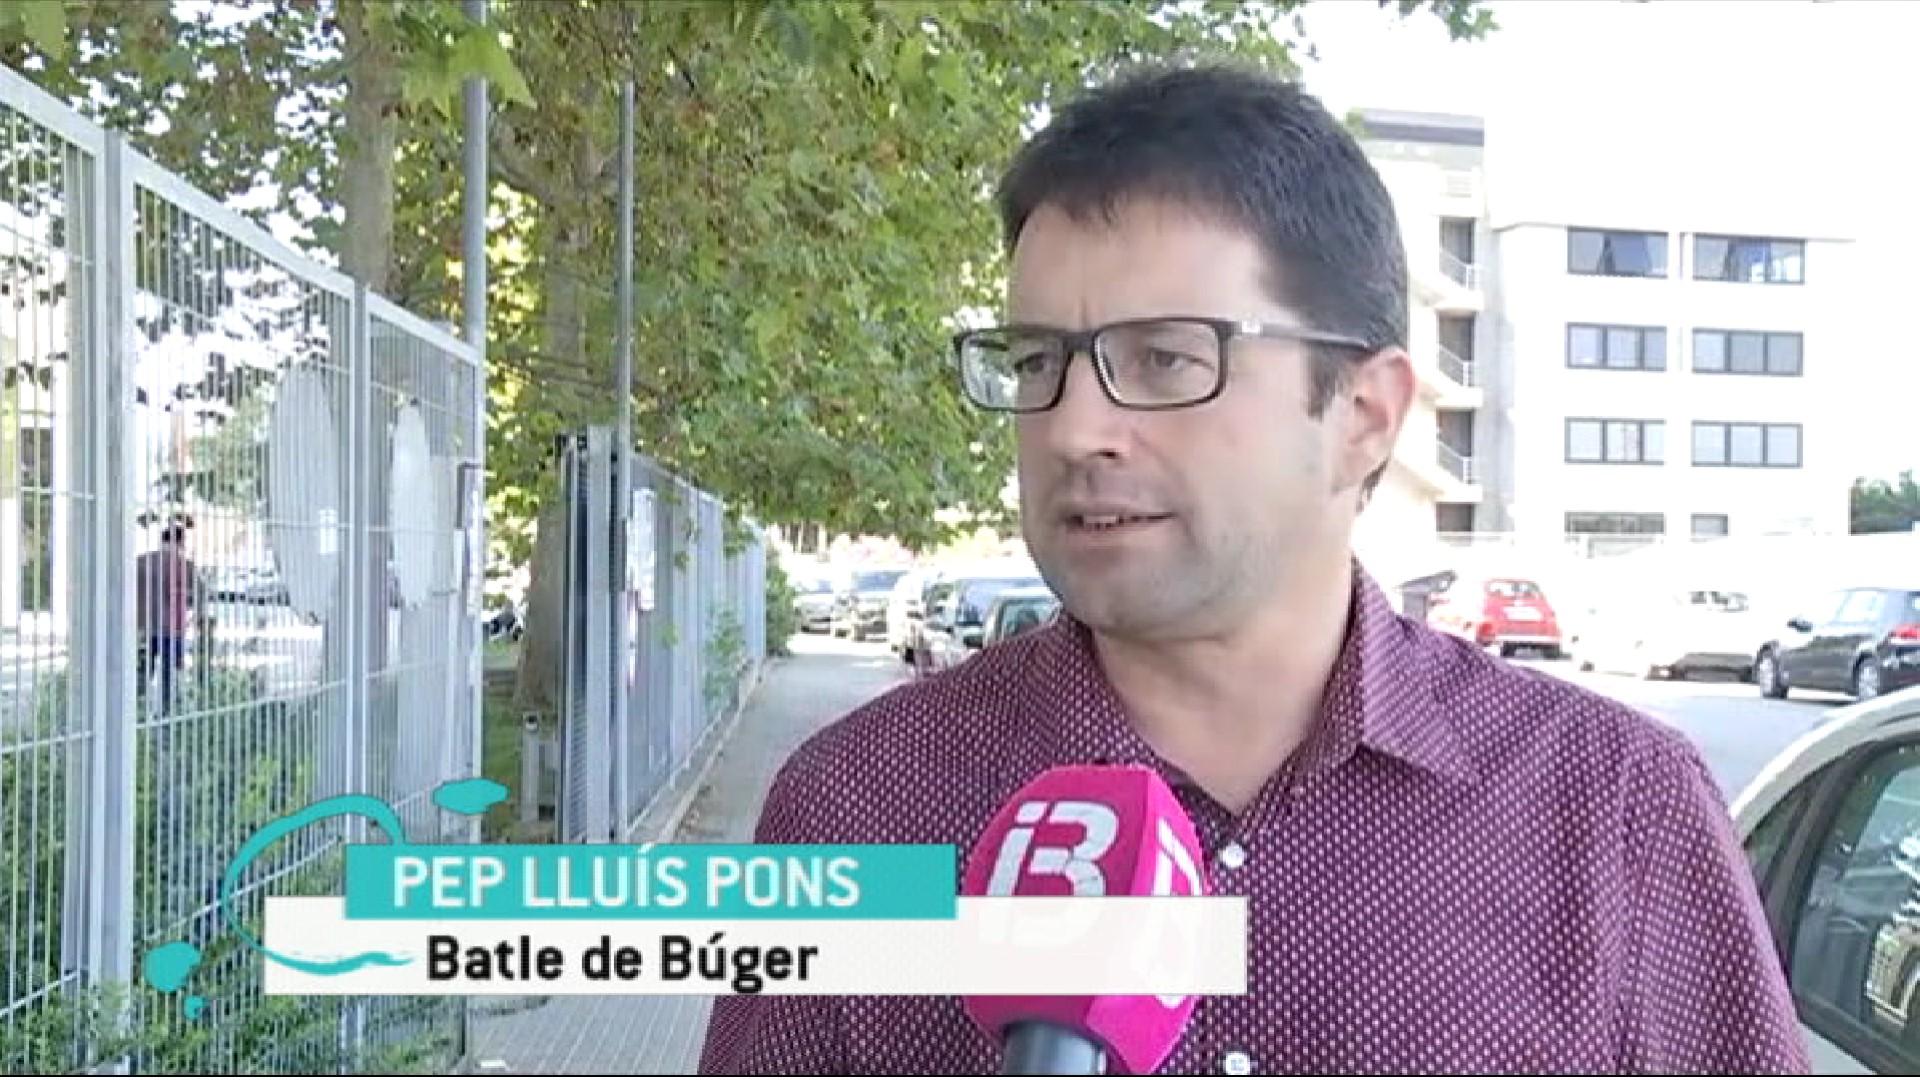 Dimiteix+el+batle+de+B%C3%BAger+Josep+Llu%C3%ADs+Pons